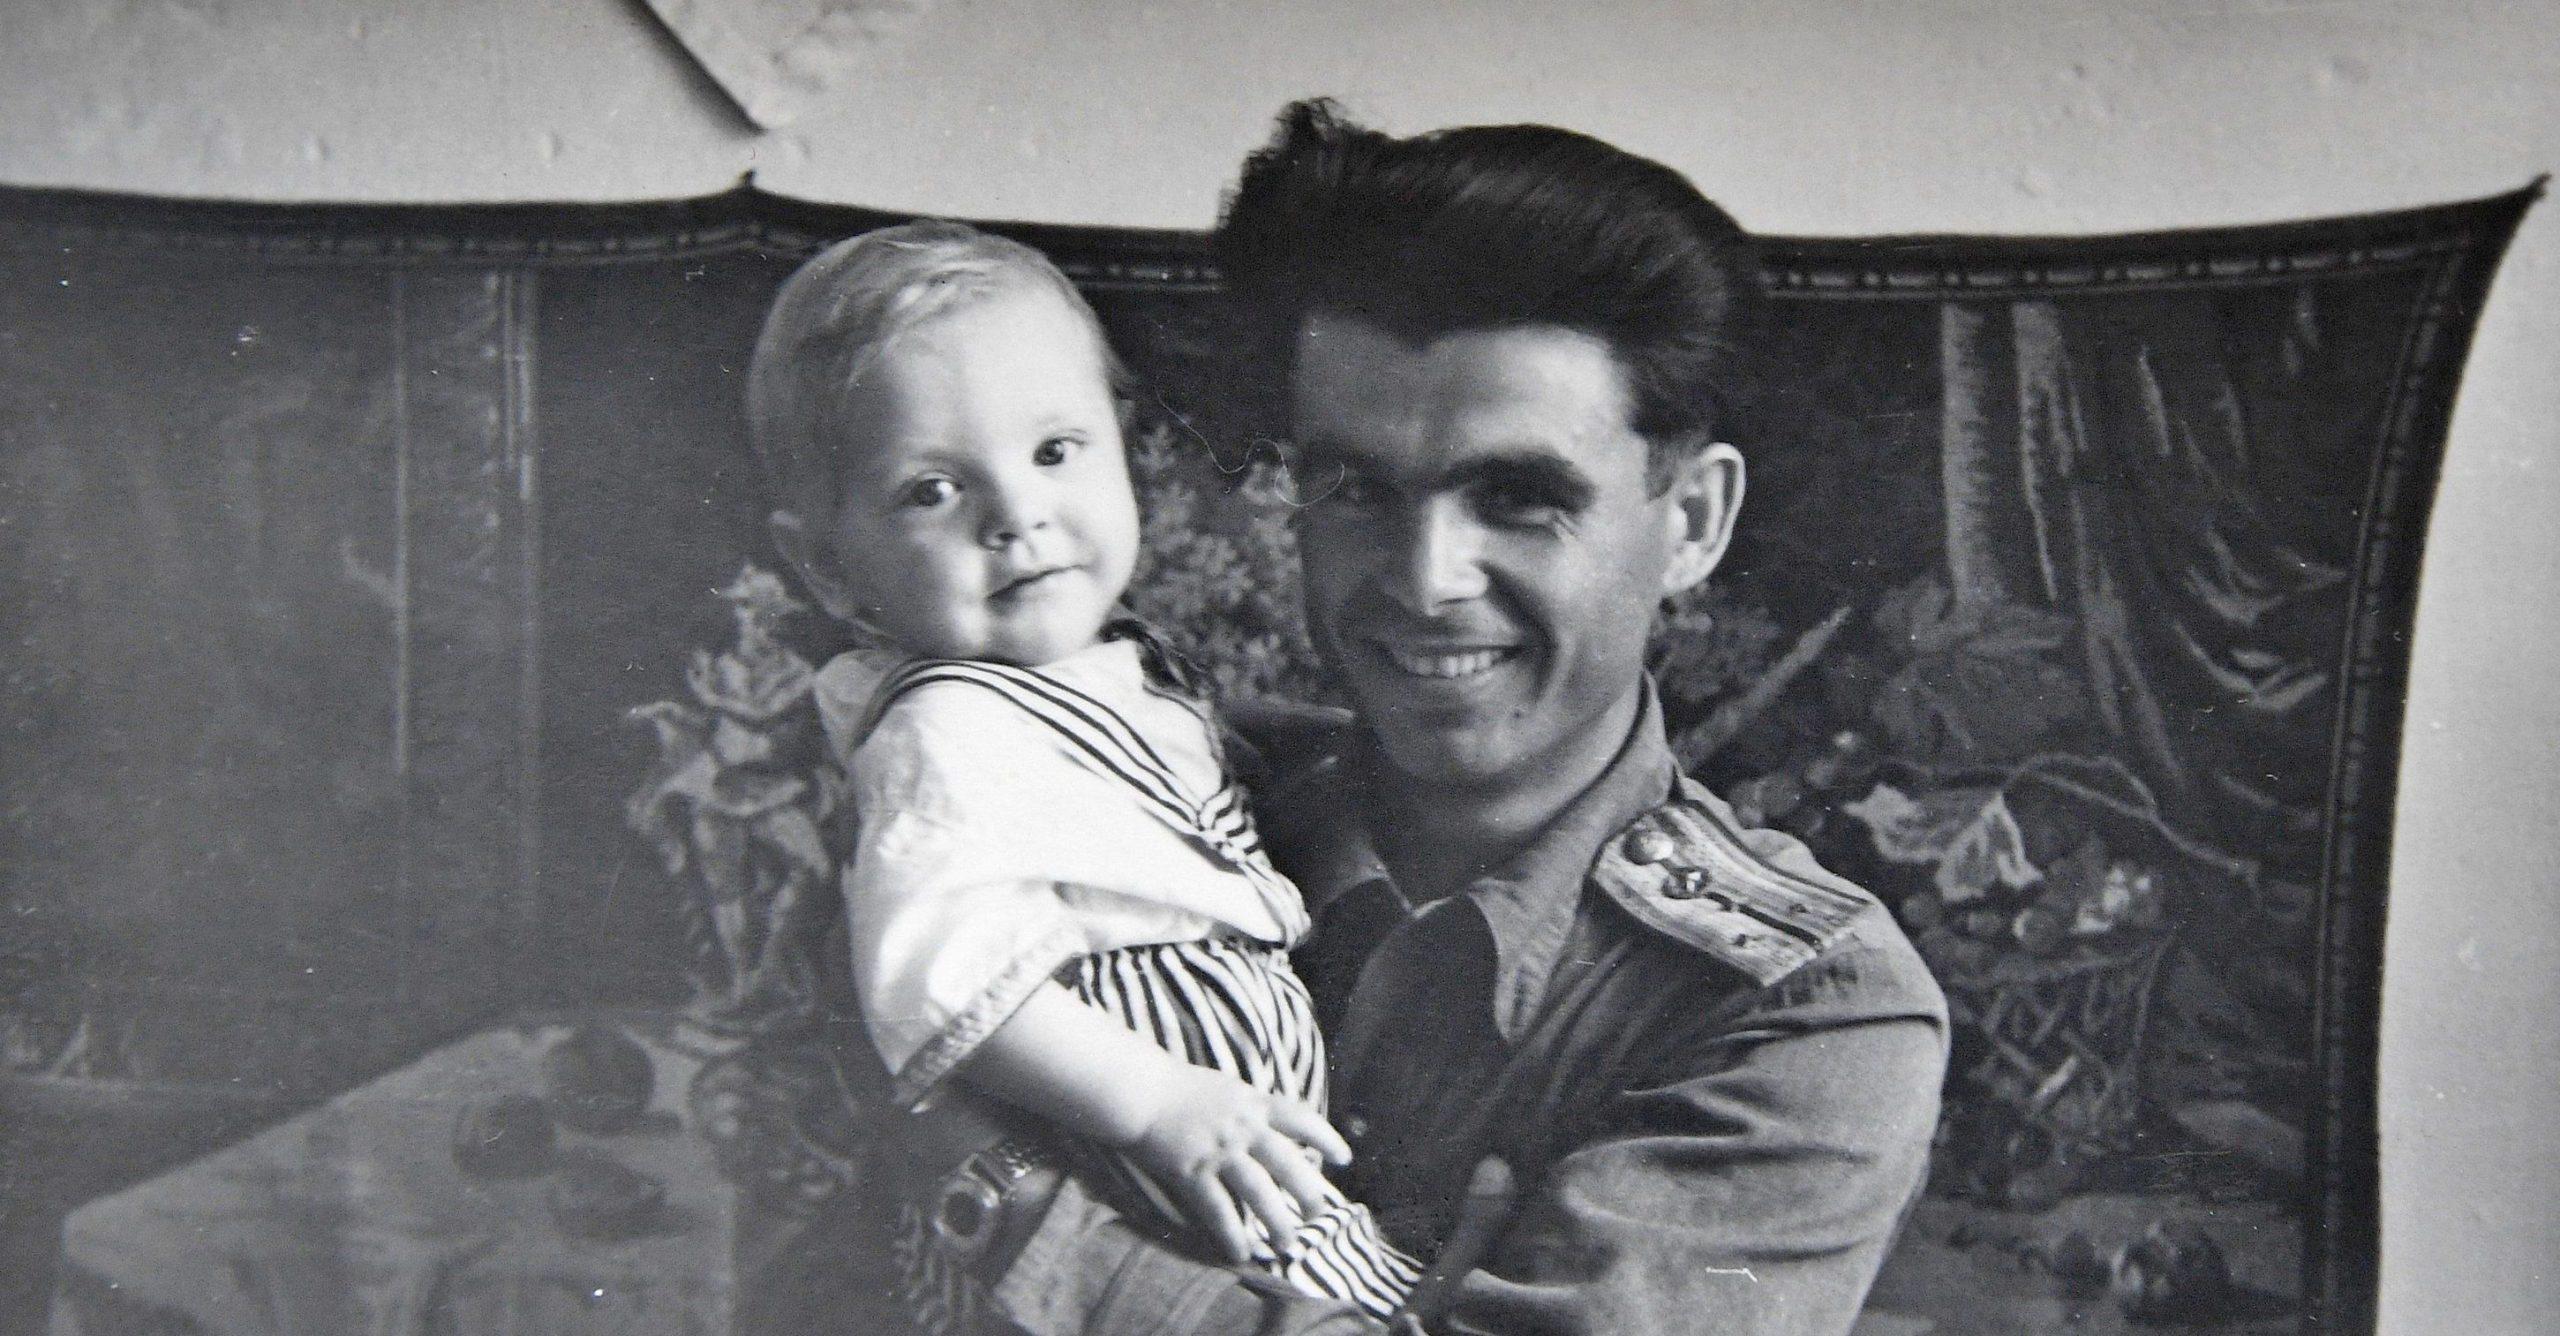 От расстрела спасла только смерть Брежнева: история афганца-смертника